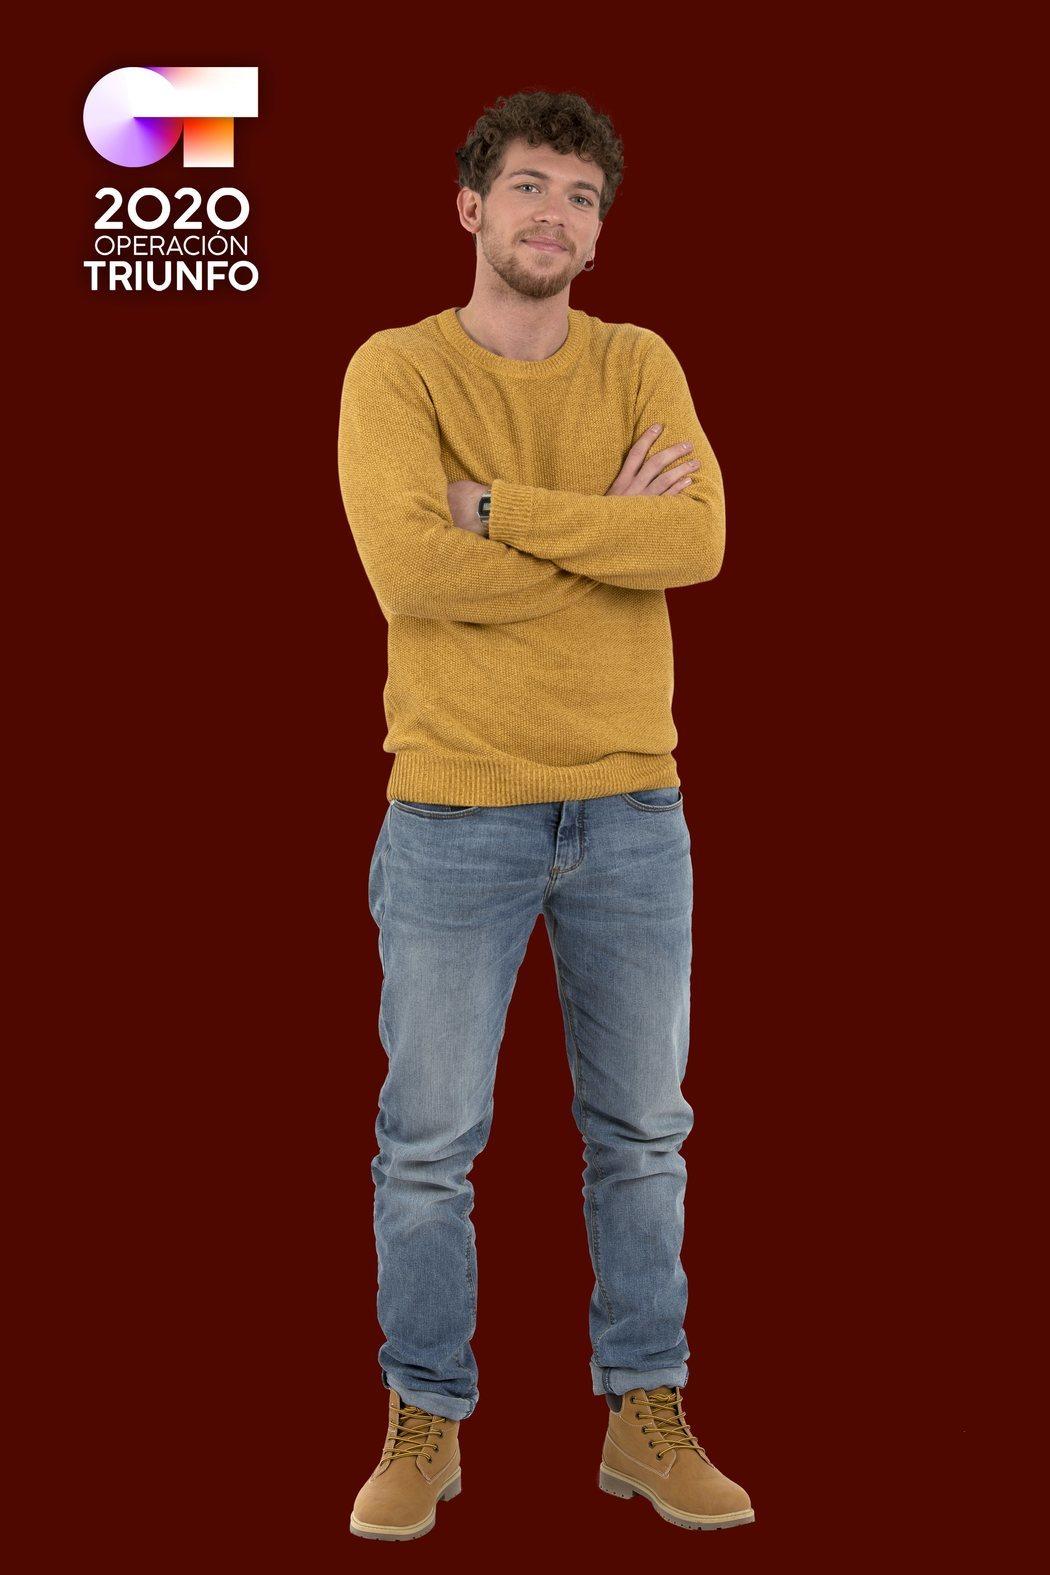 Posado de Jesús Rendón, concursante de 'OT 2020'